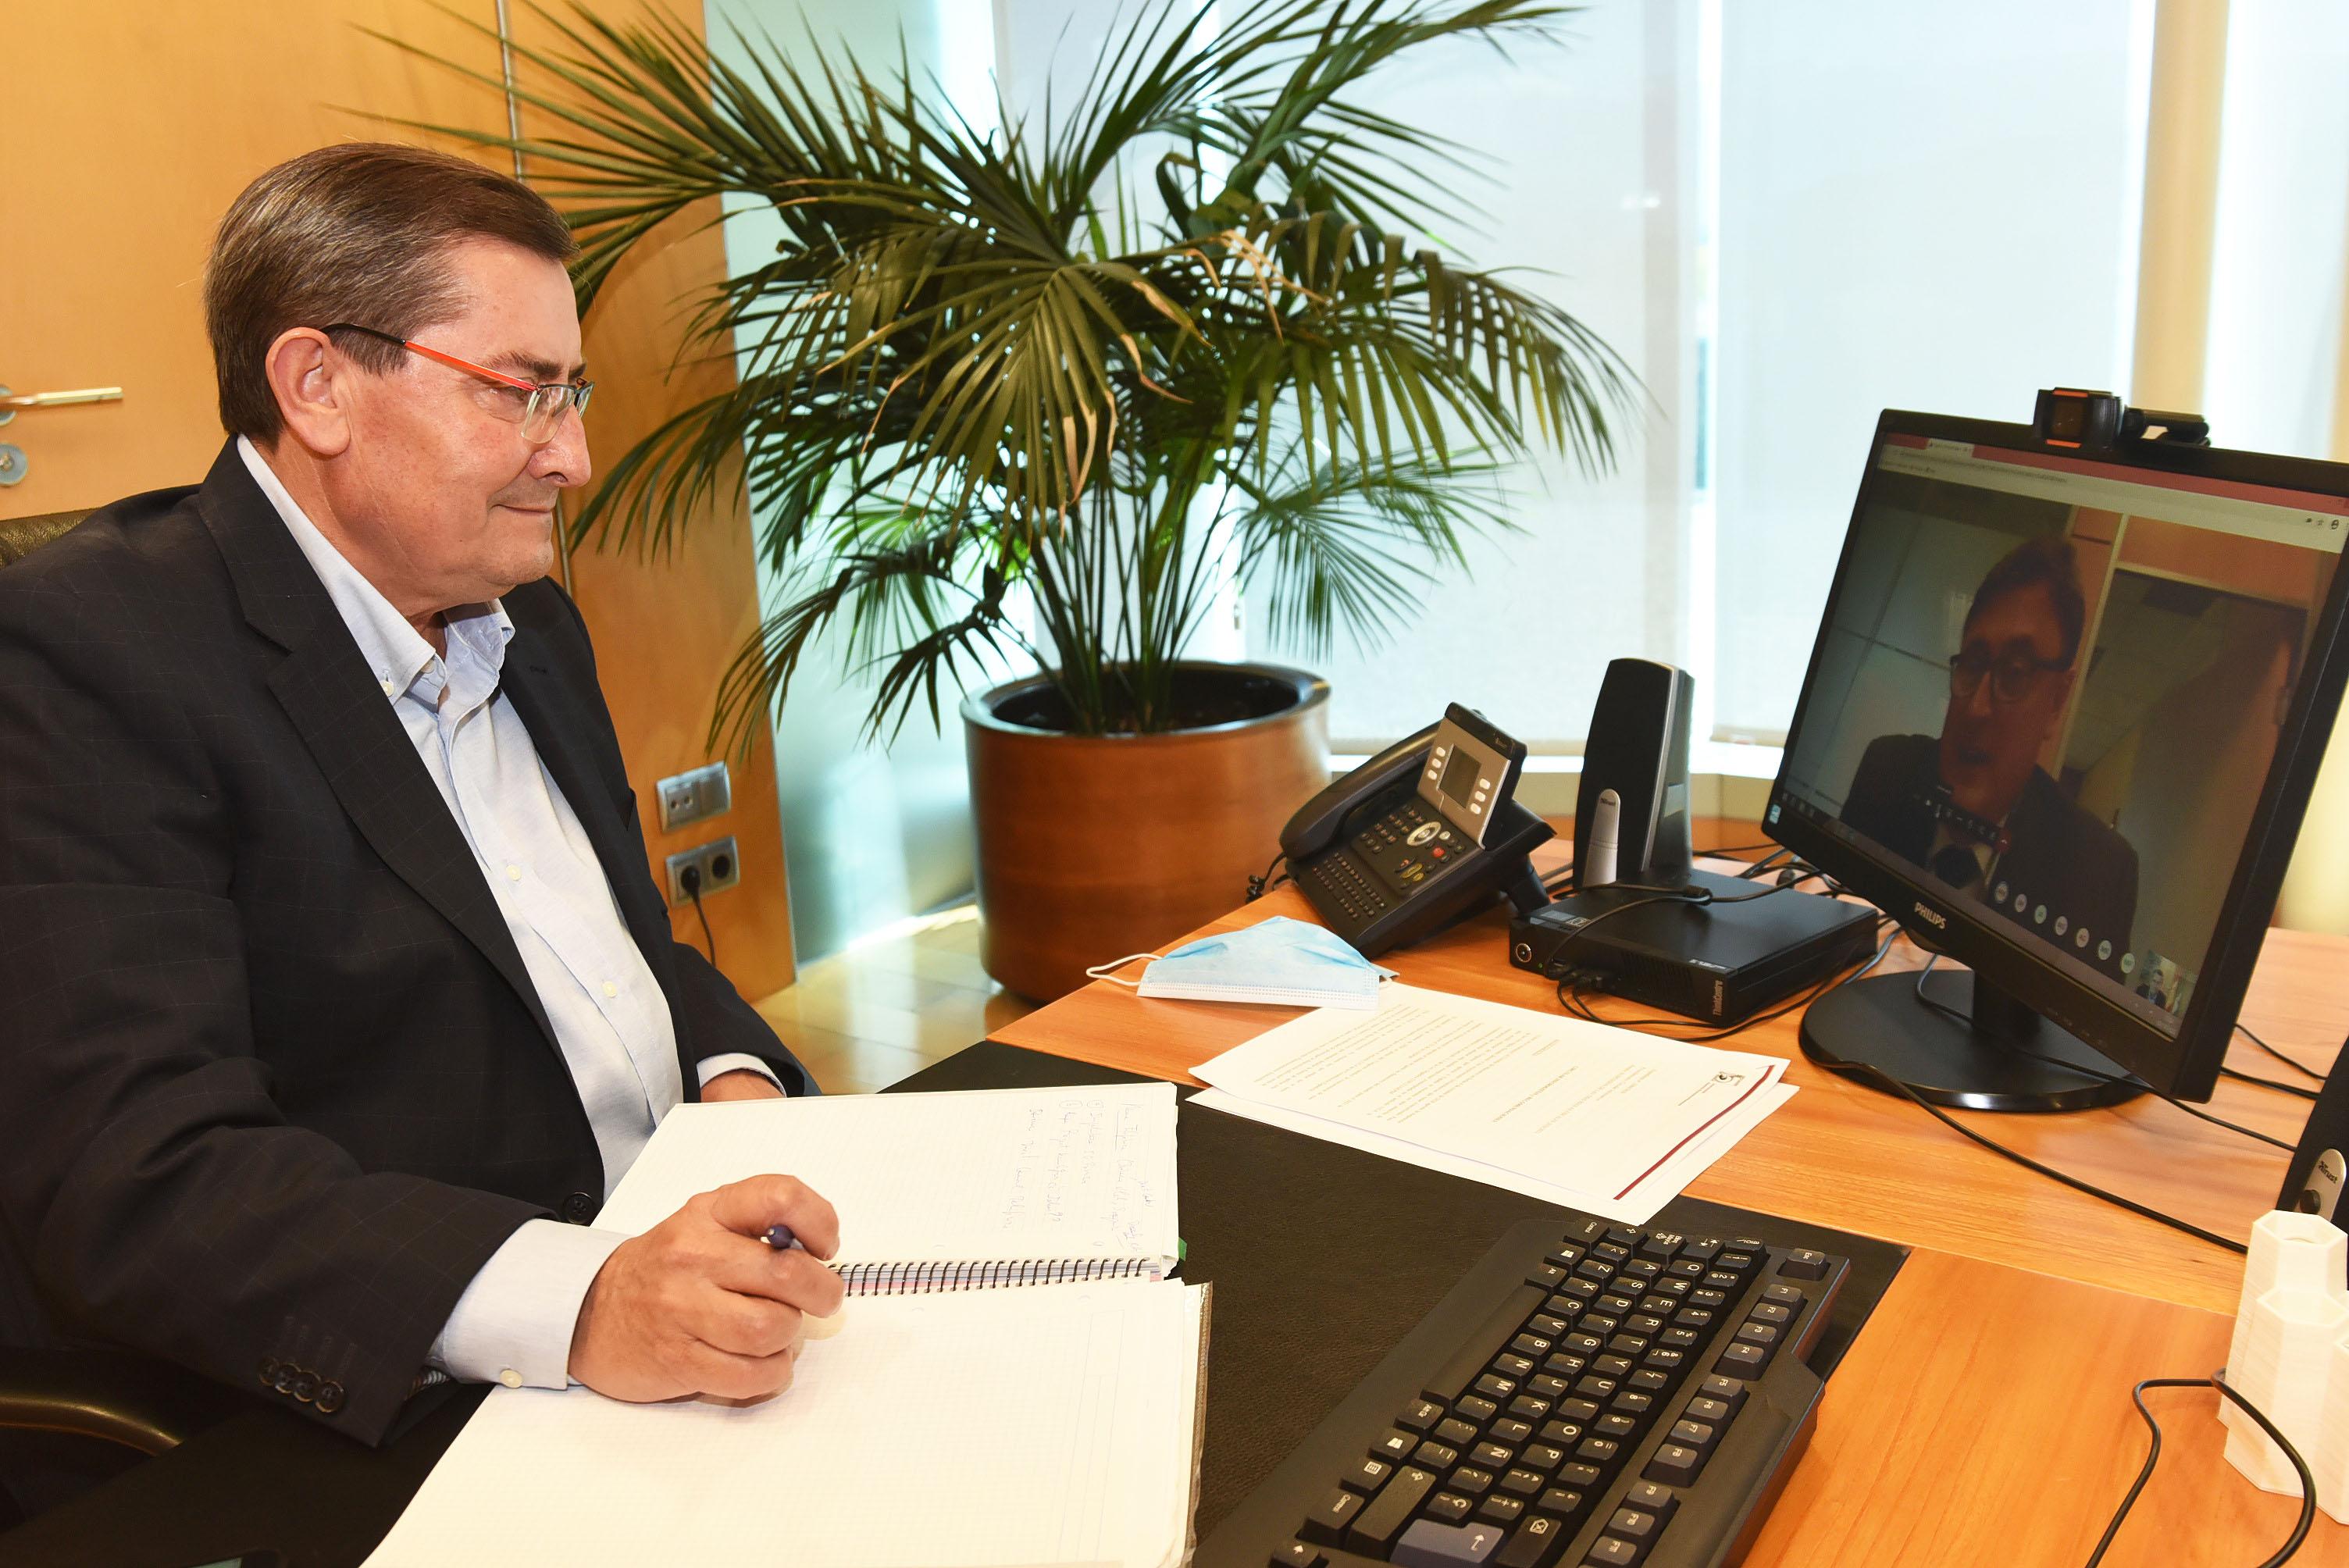 Entrena se reúne con Telefónica para abordar la situación del 5G en la provincia